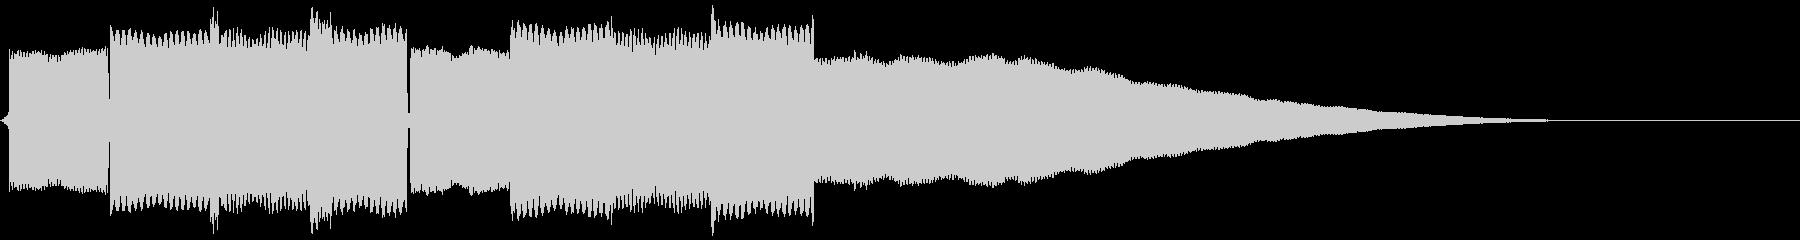 サイレンのようなゲーム風の電子音の未再生の波形